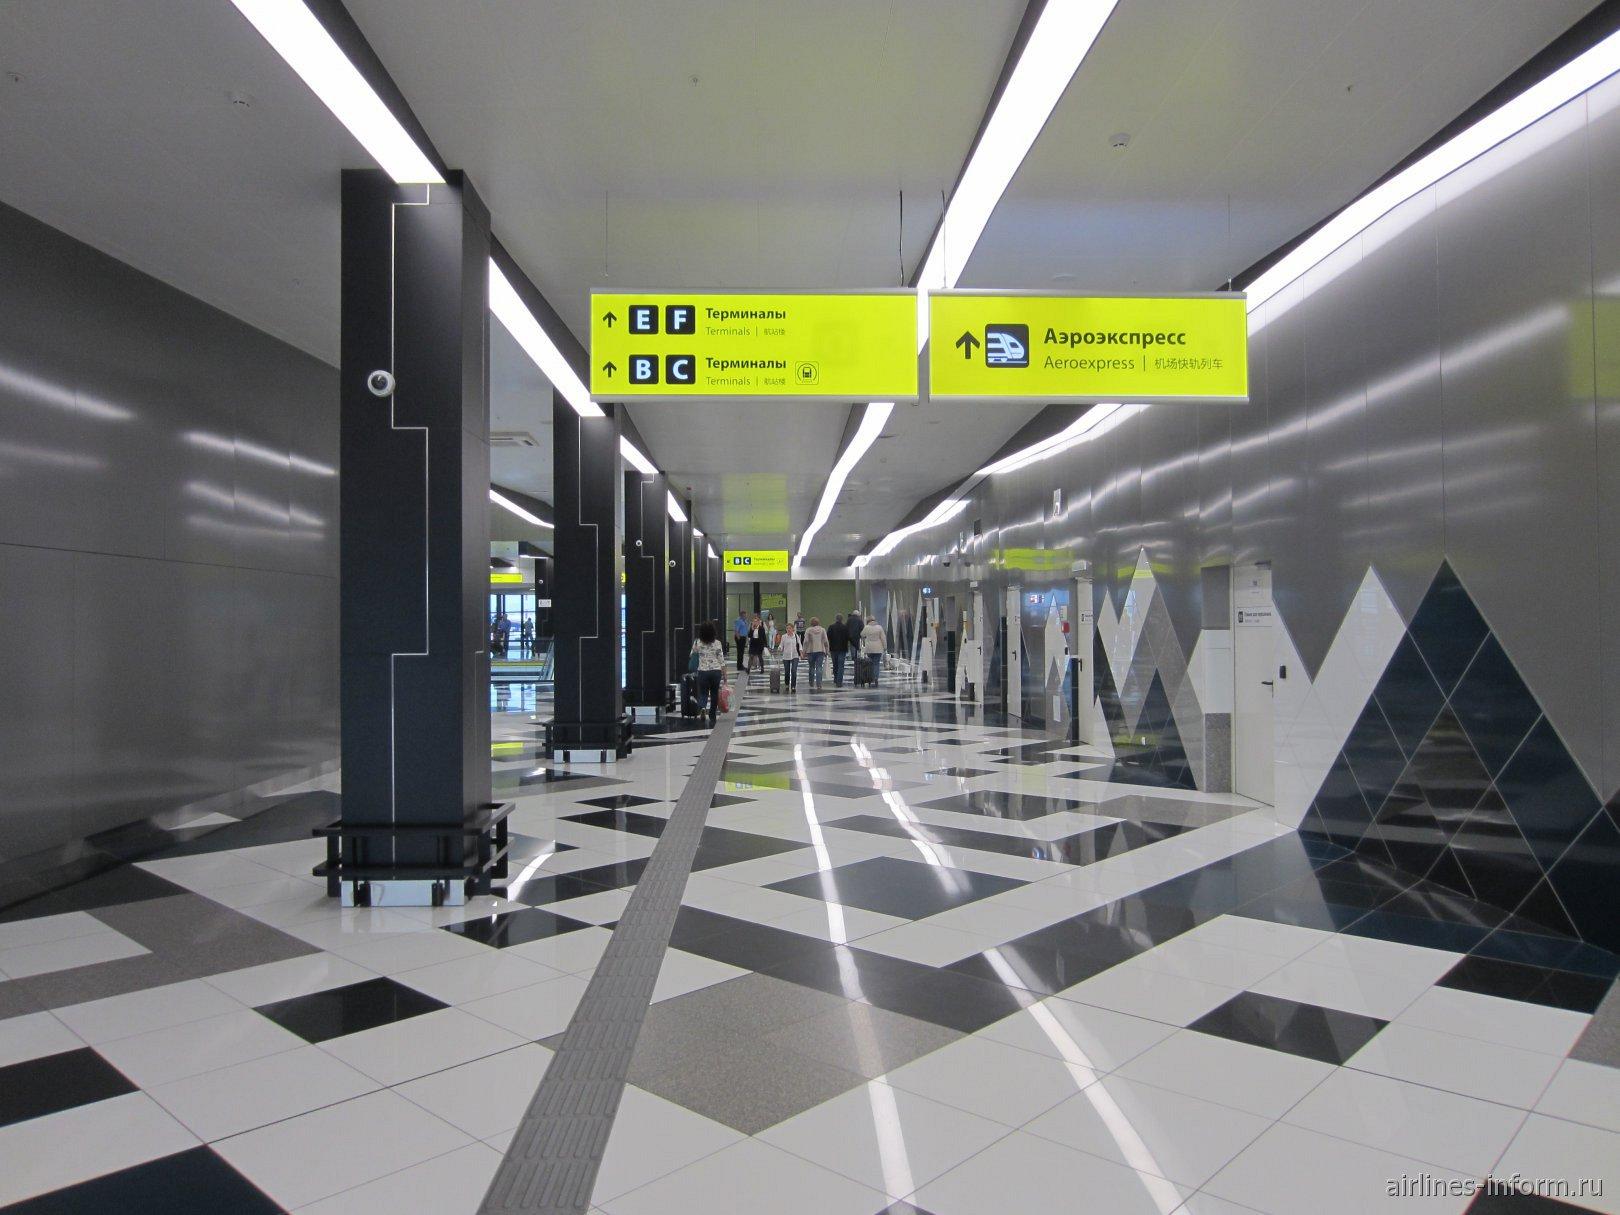 Переход между терминалами D и E аэропорта Шереметьево